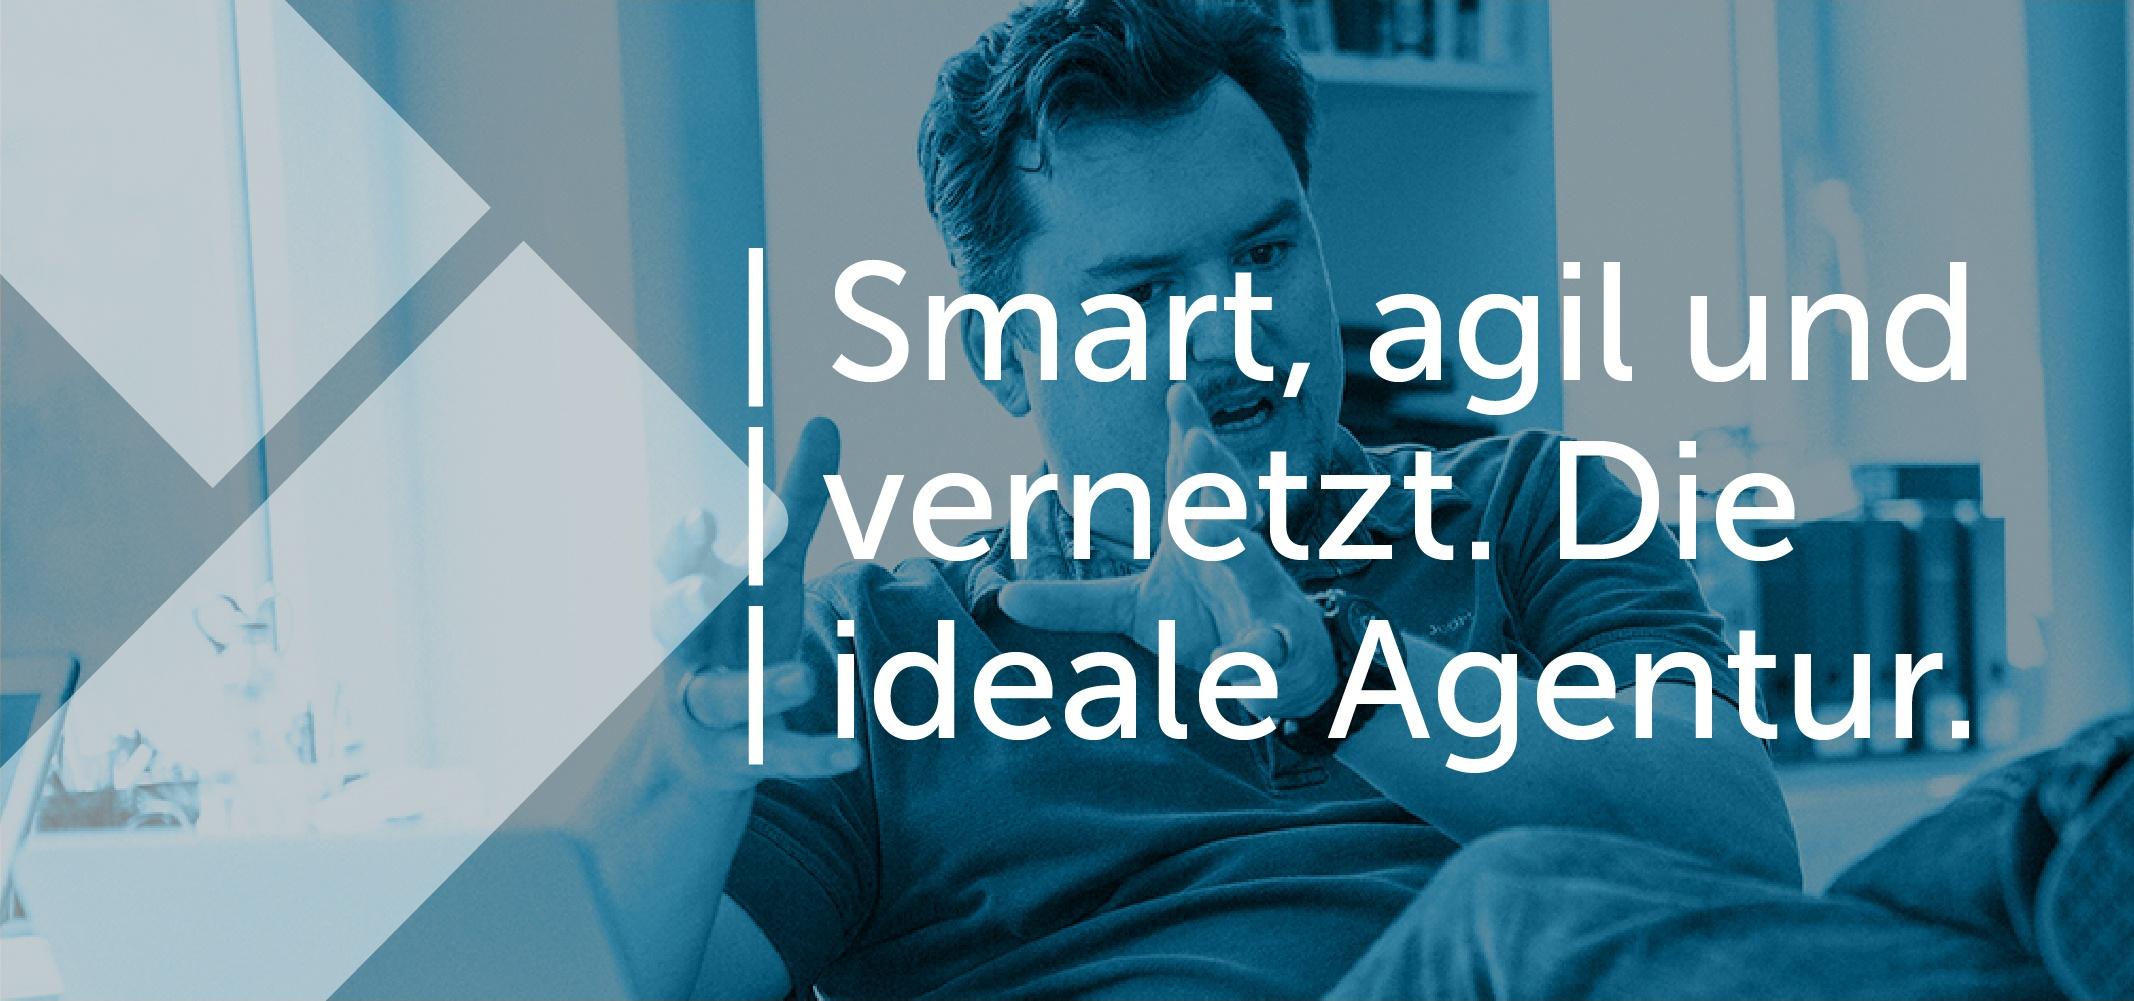 die-ideale-agentur-fuer-den-mittelstand.jpg